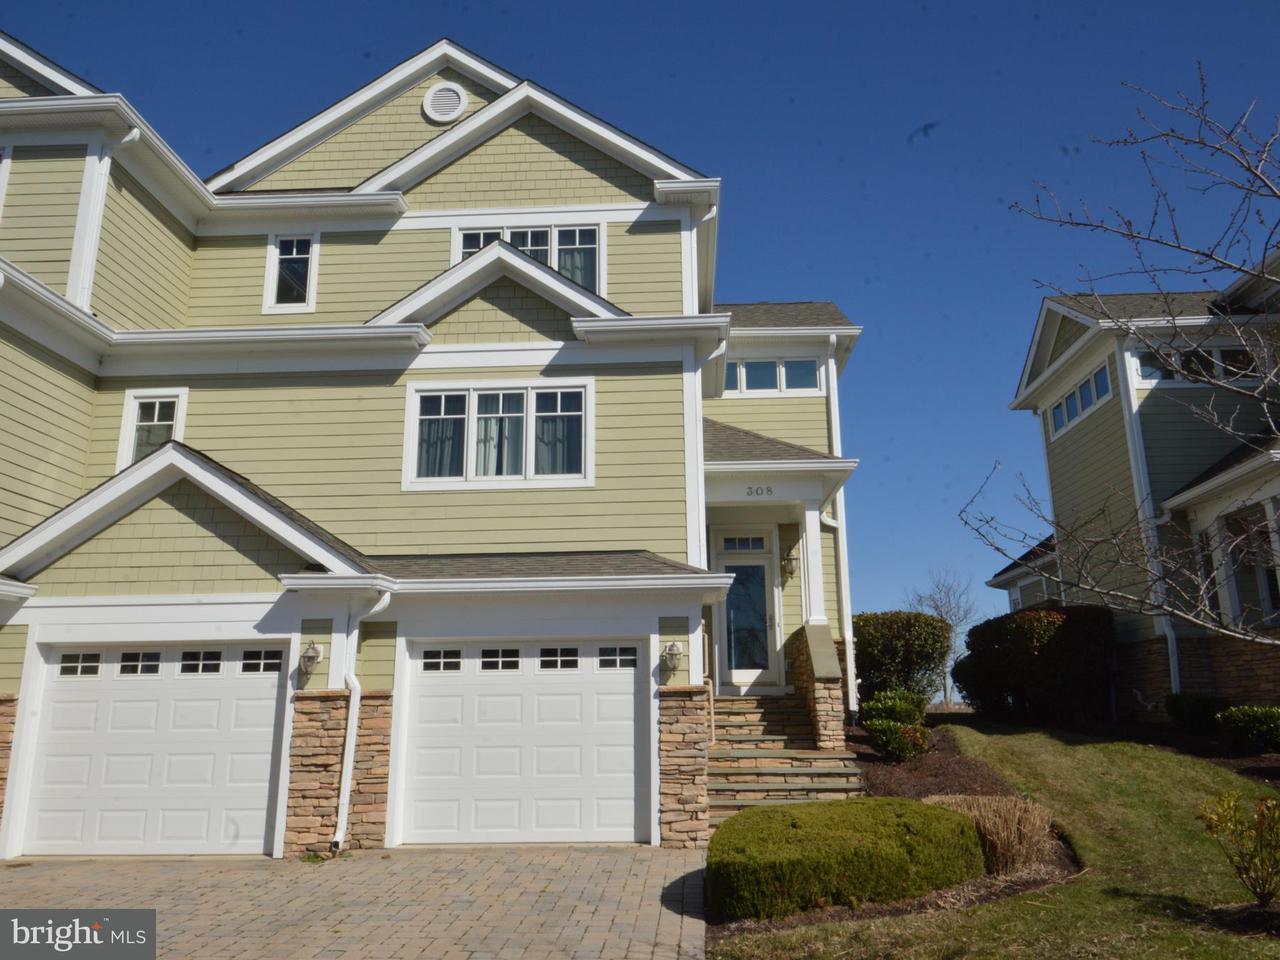 複式單位 為 出售 在 308 Narrows Pointe Dr #2-1 308 Narrows Pointe Dr #2-1 Grasonville, 馬里蘭州 21638 美國